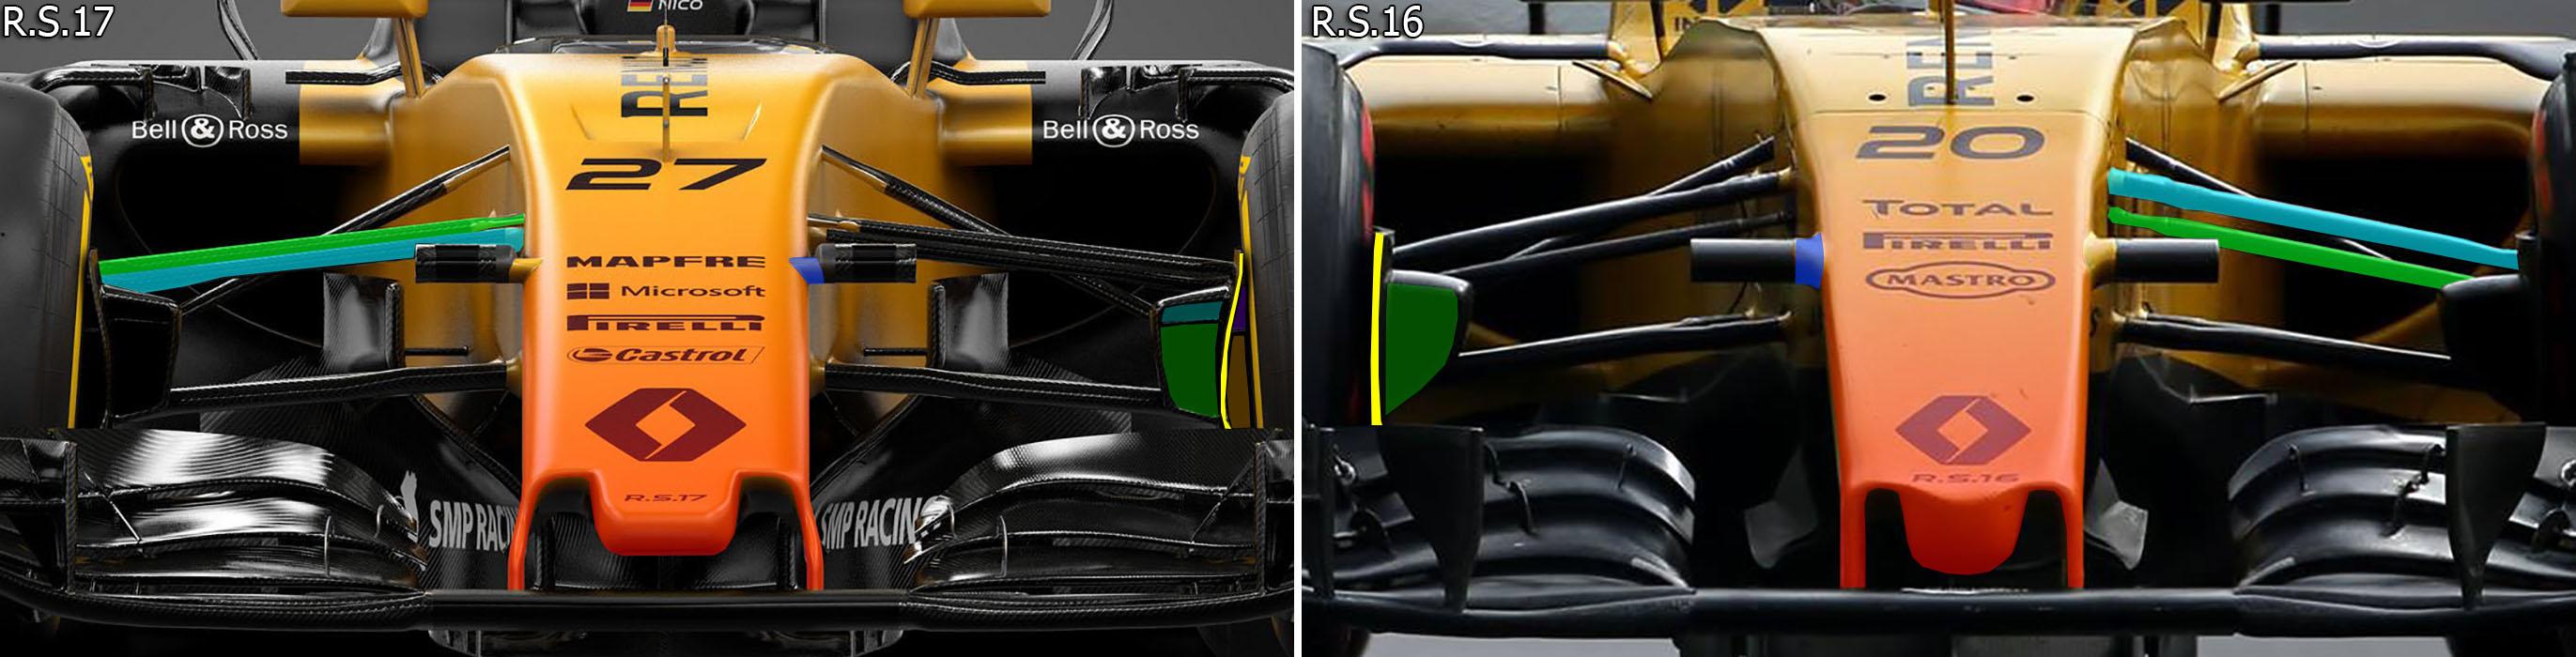 rs17-nose-cone